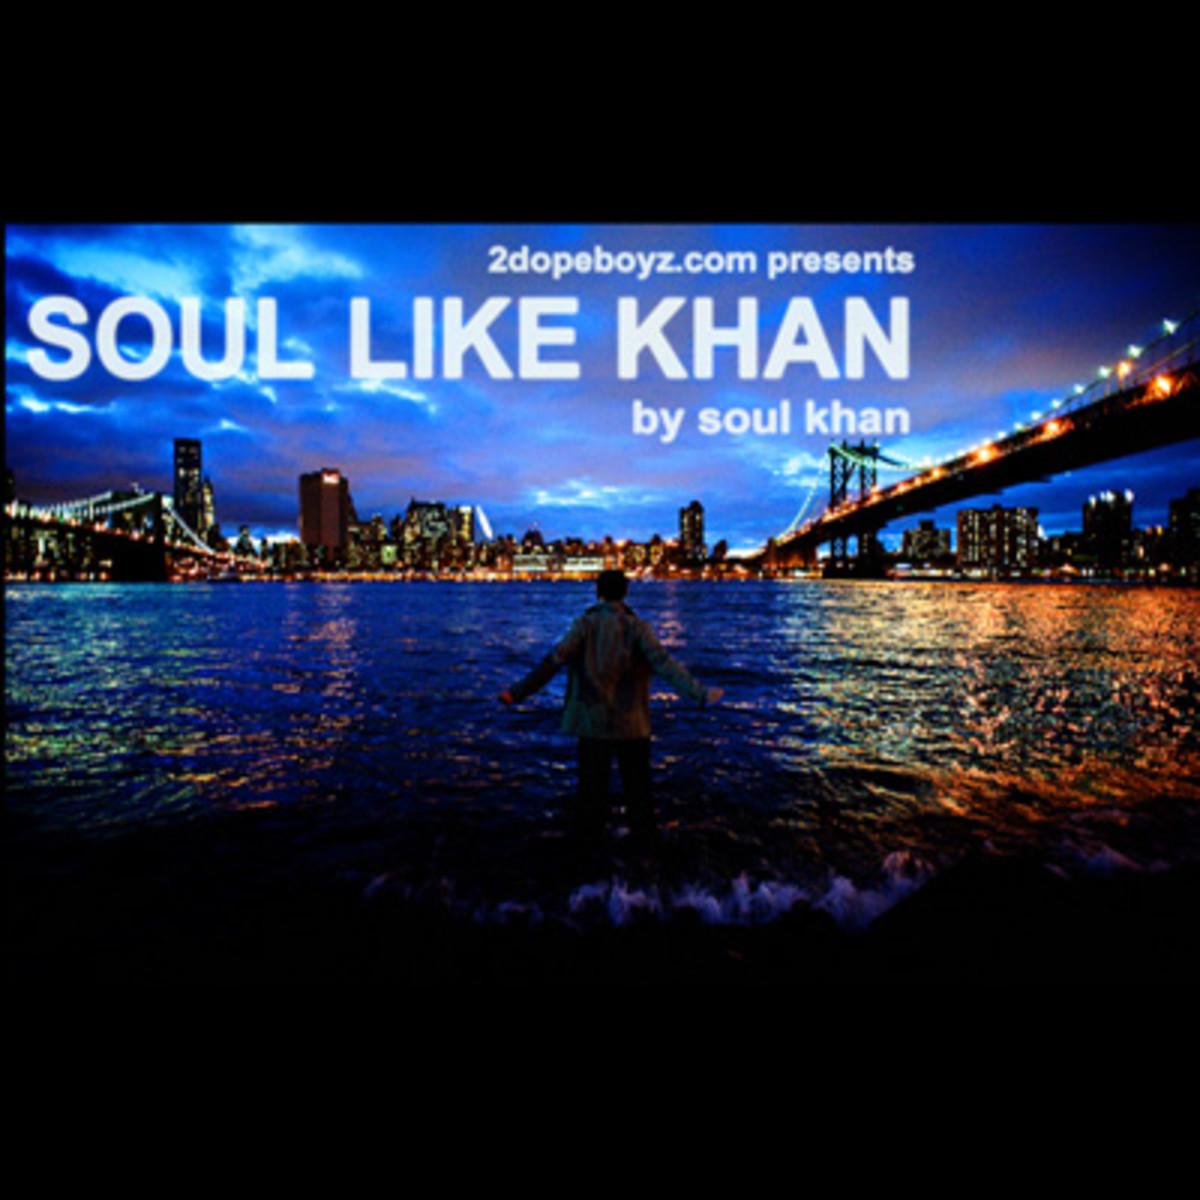 soul-like-khan-front.jpg